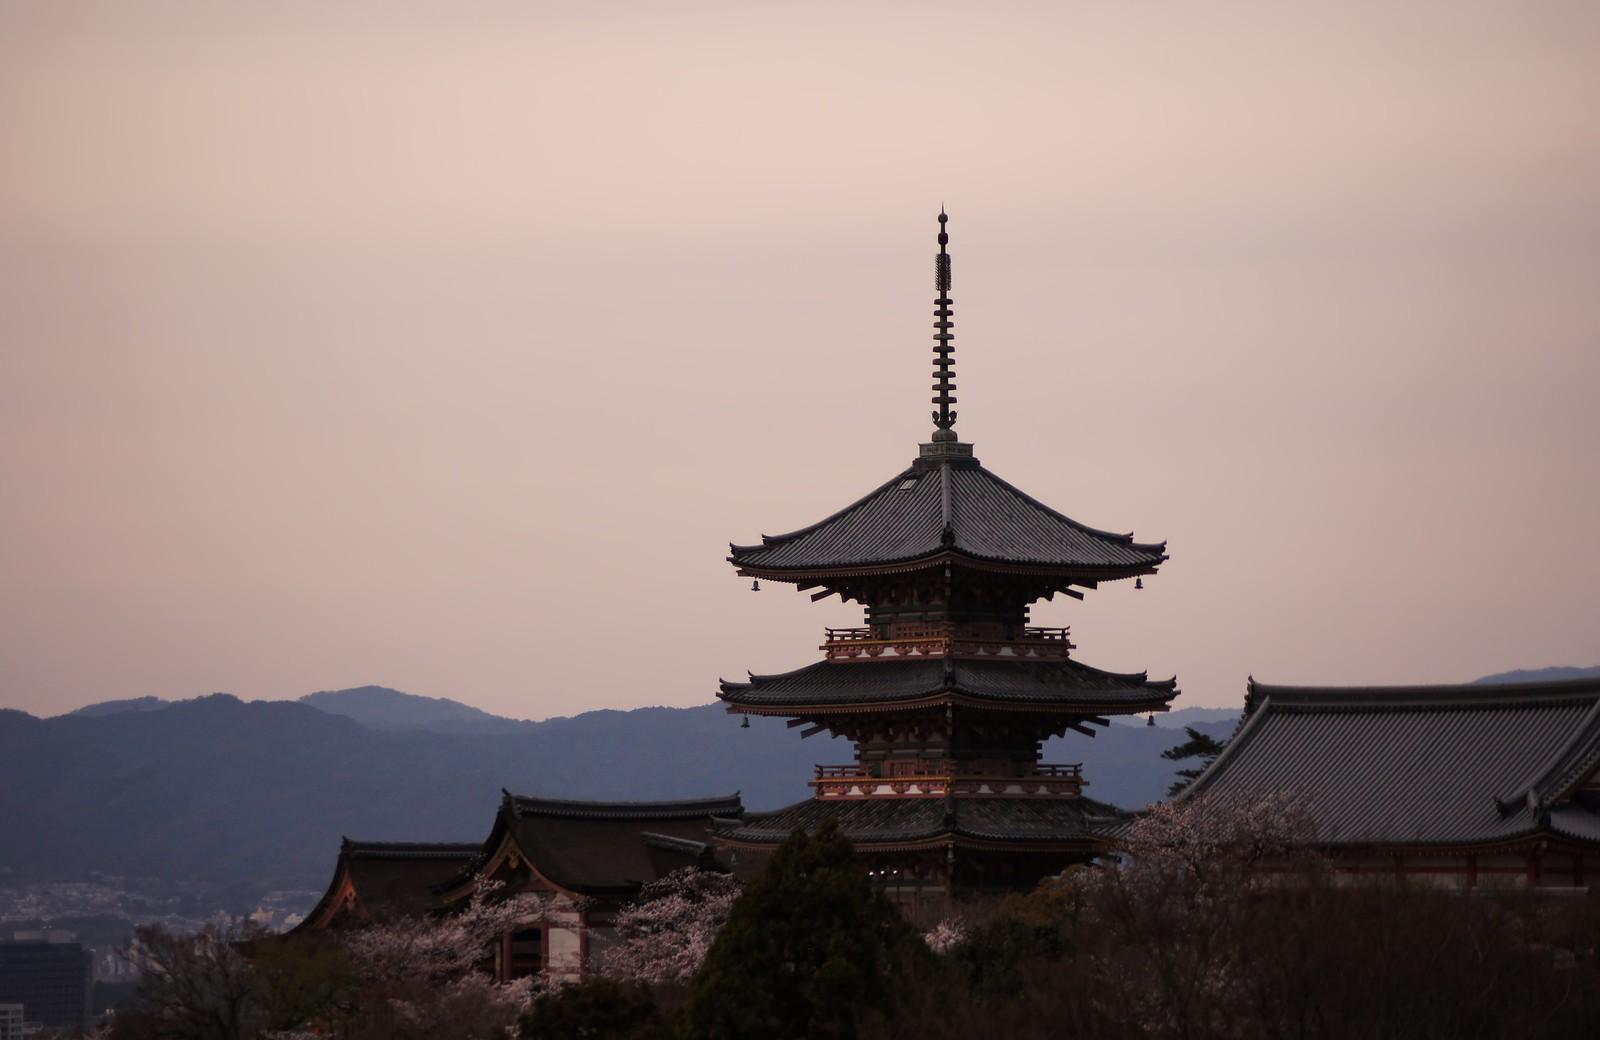 南禅寺の湯豆腐が美味しいおすすめのお店BEST7!懐石料理もあり!